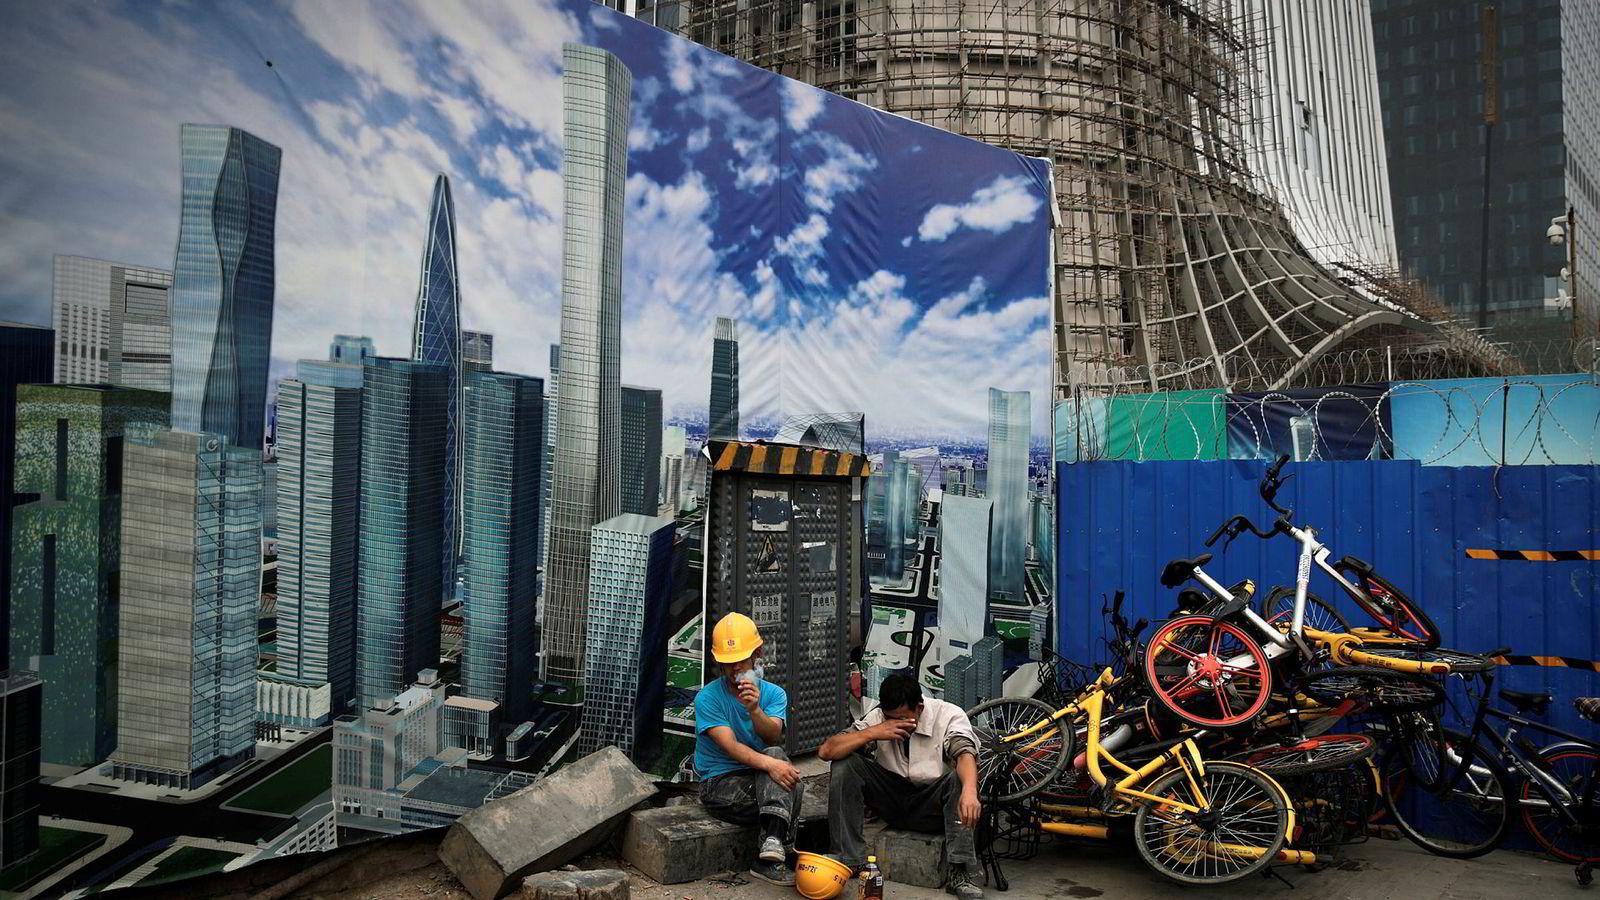 Den kinesiske sentralbanken lettet på reservekravene til kinesiske banker før sommeren. Det har ført til en ny utlånsfest, byggevirksomhet – og råtne lån. Målet er å opprettholde en økonomisk vekst på 6,5 prosent årlig frem til 2022.